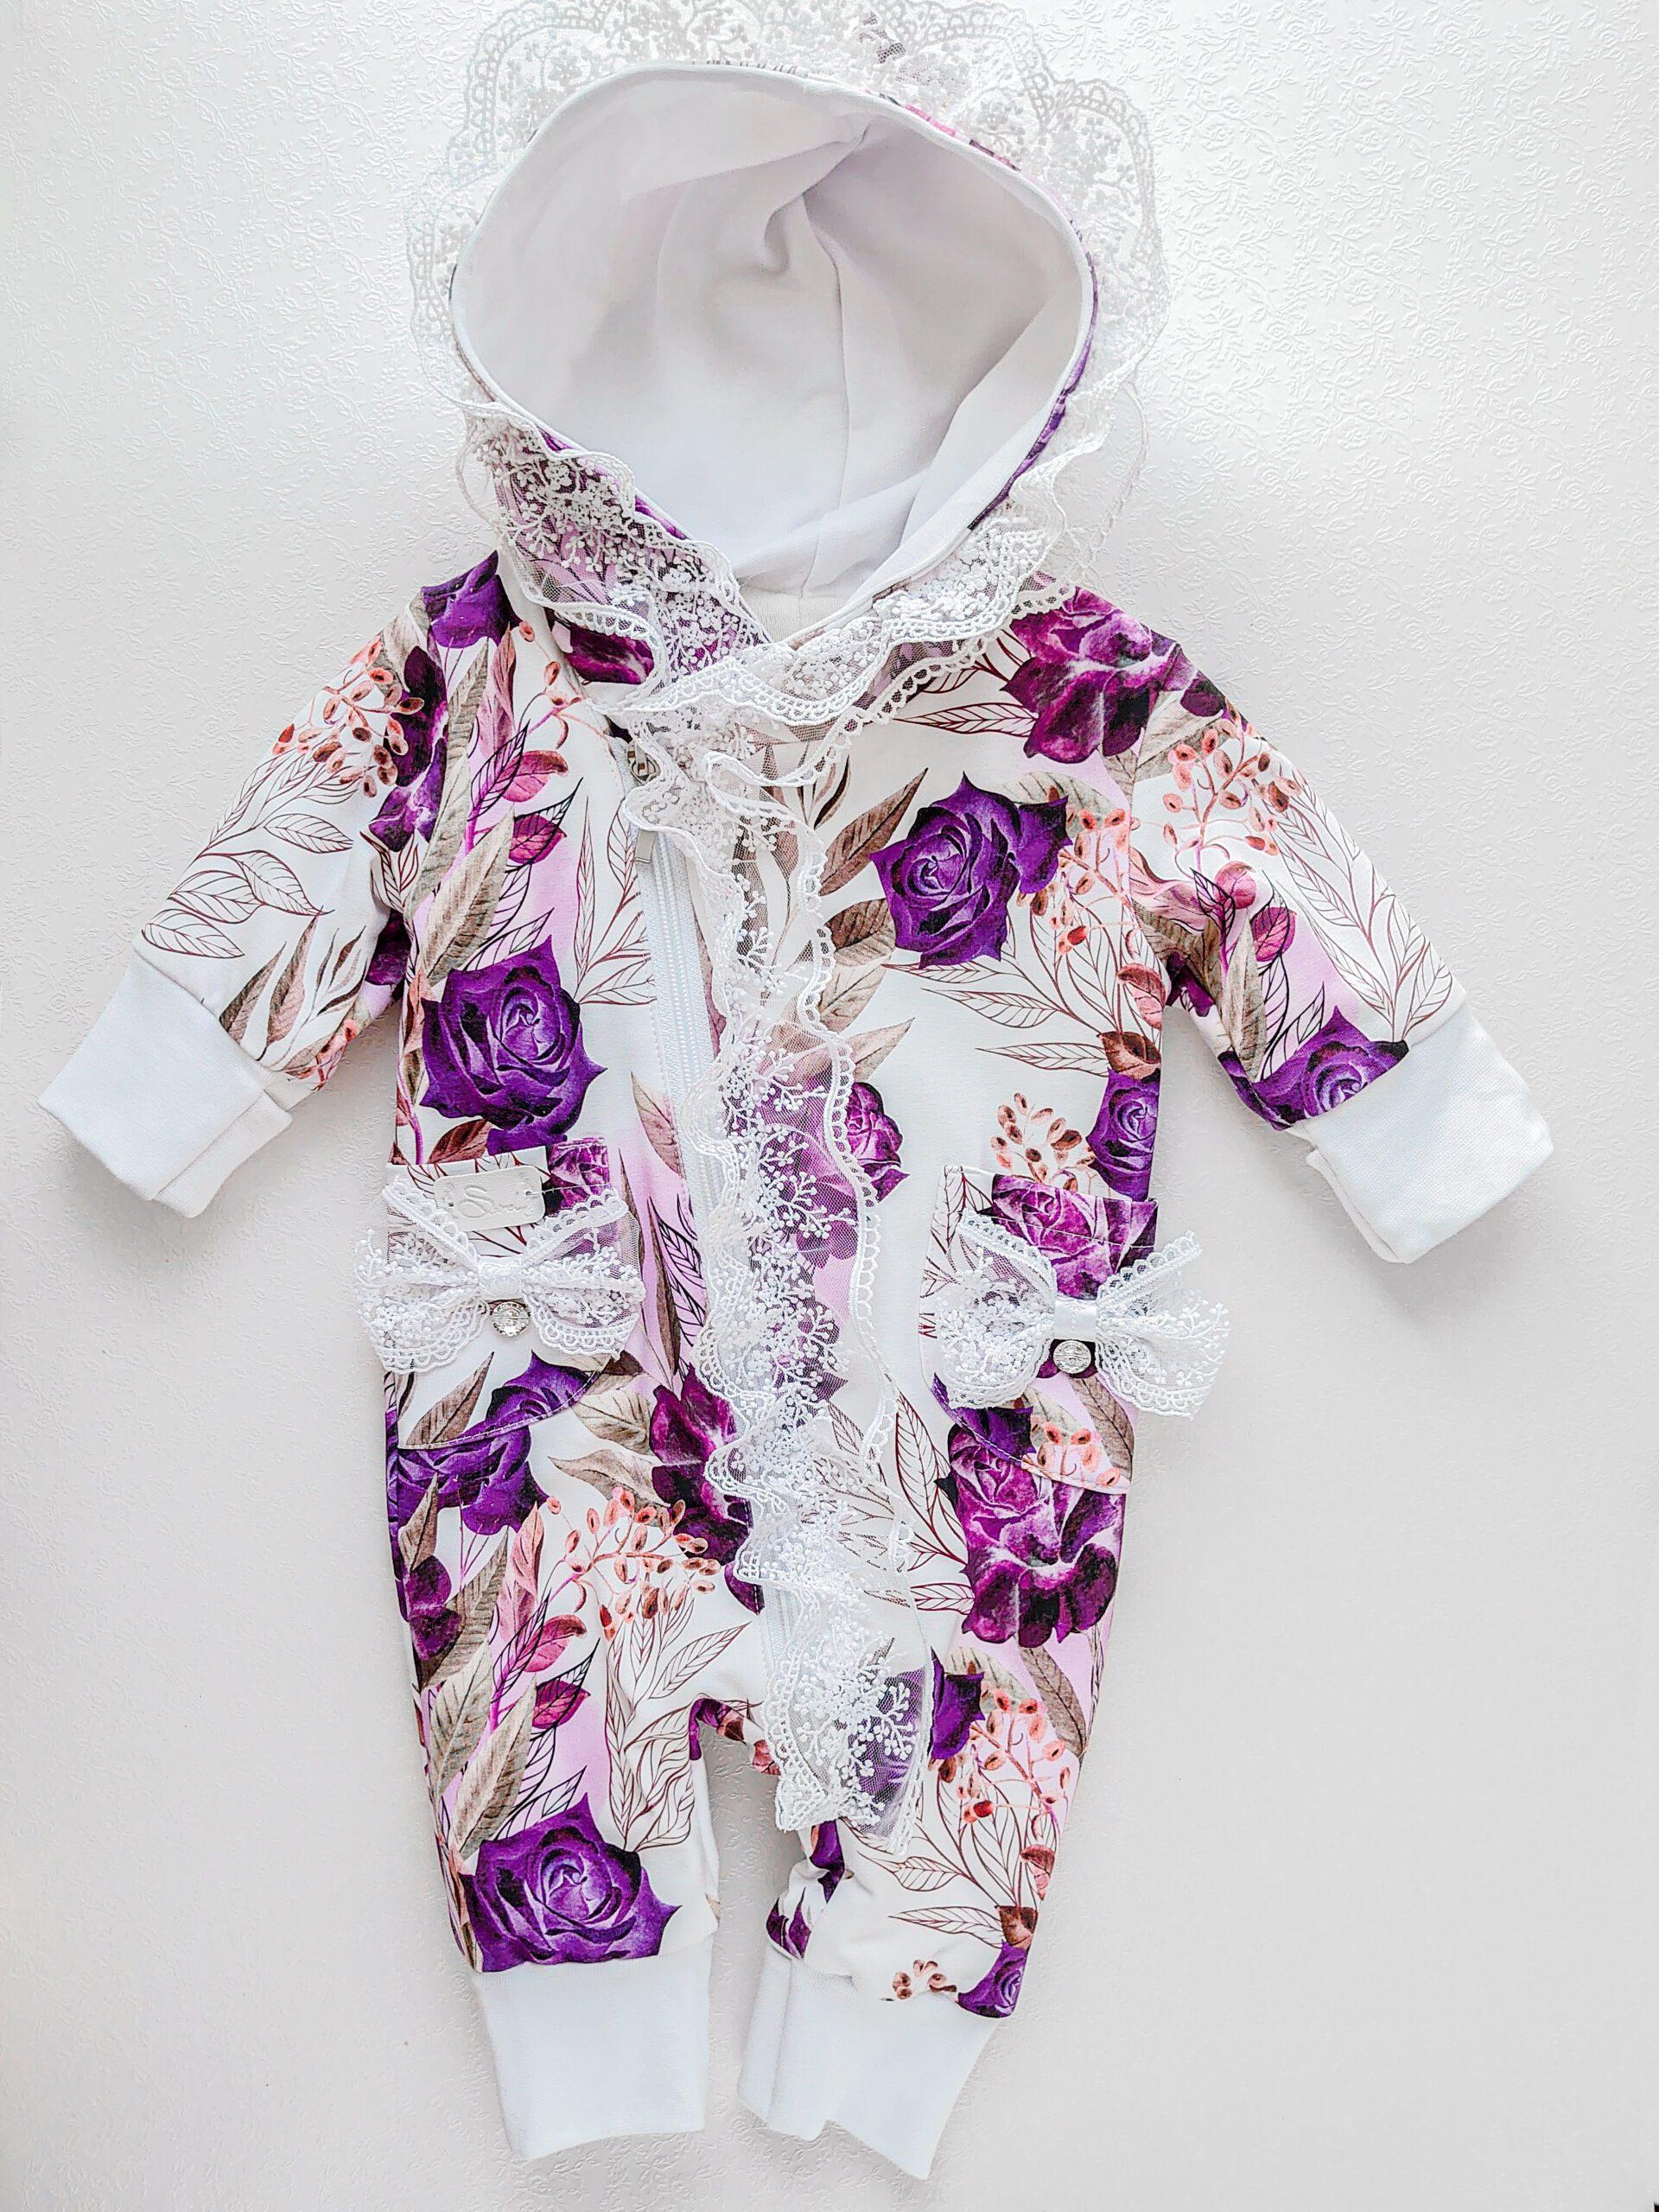 Tüdrukute-lillade-roosidega-ja-valgekirju-meriinkombe-sügiseks-ja-kevadeks-katsikukingitus-kinkekomplekt-beebi-haiglastkojutoomis-komplekt-käsitöökombed-beebikombed